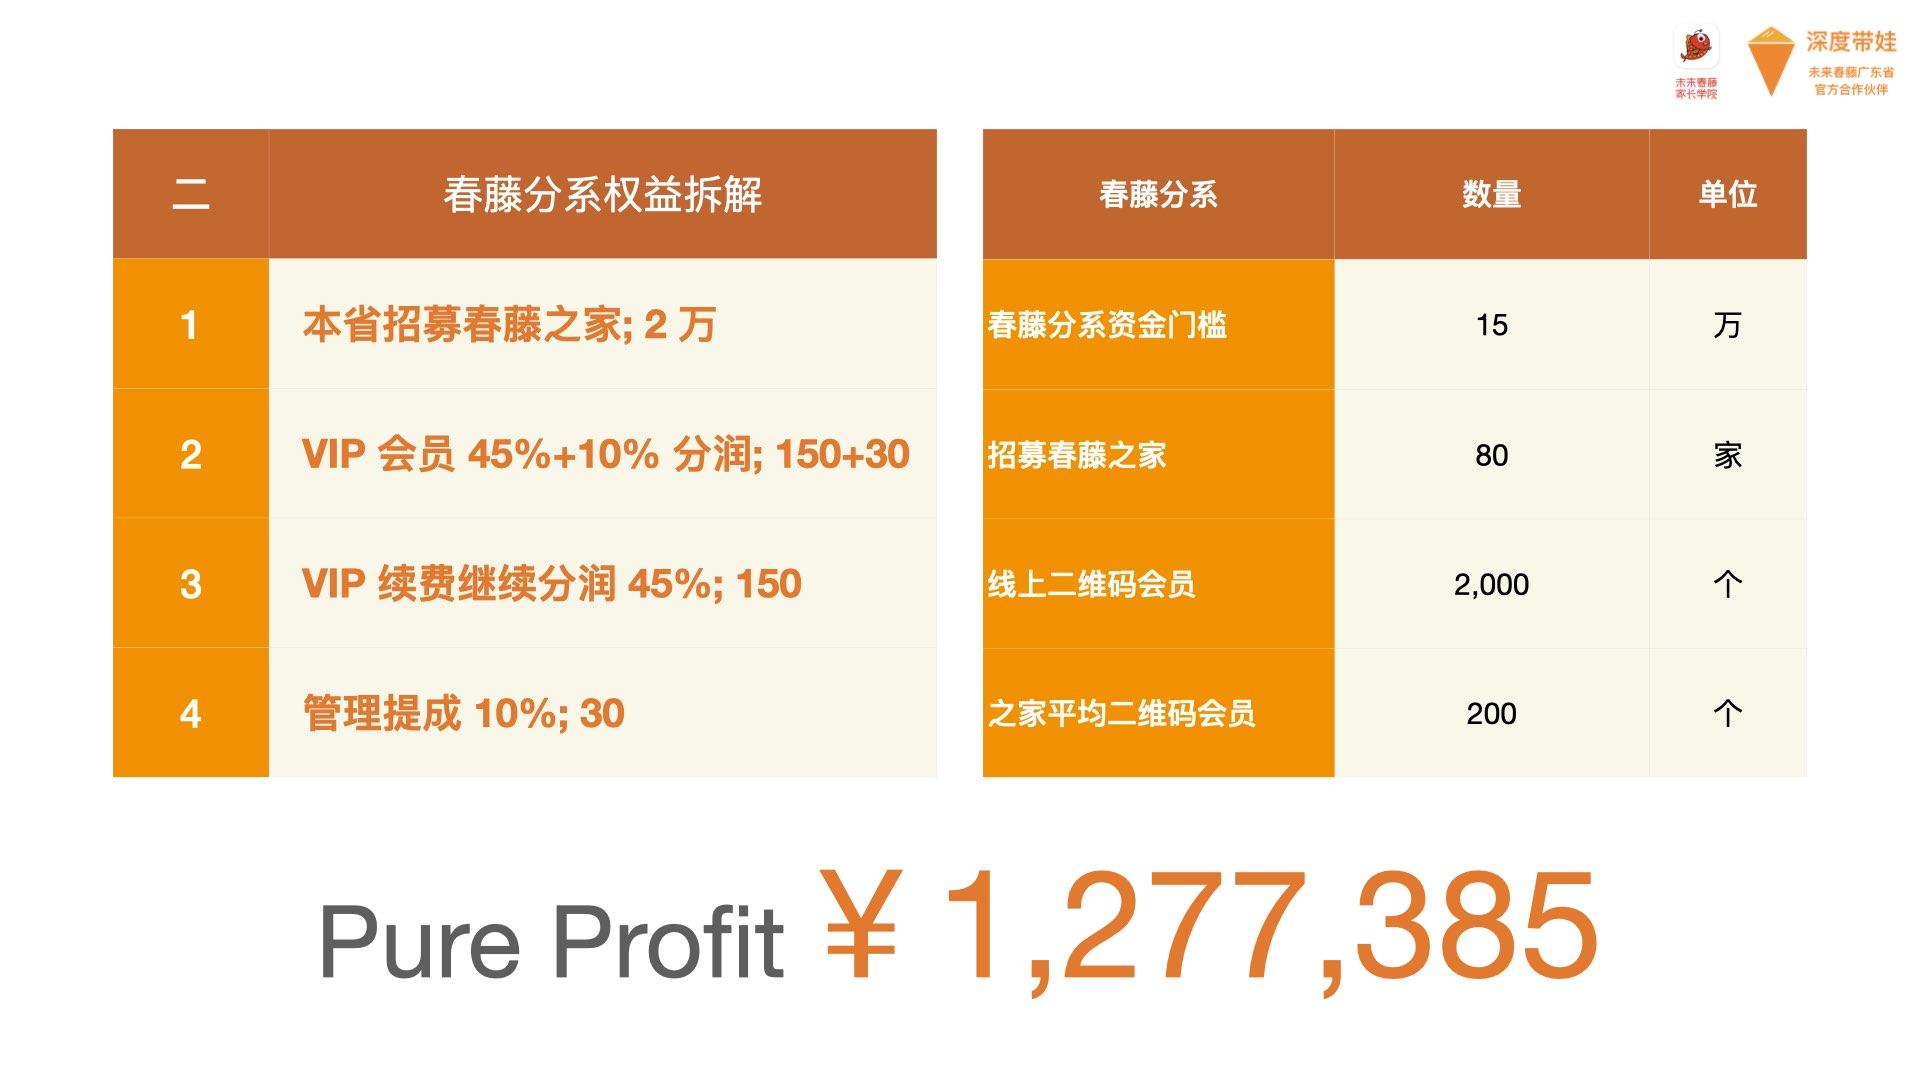 解读未来春藤 3 种合作伙伴的投资价值